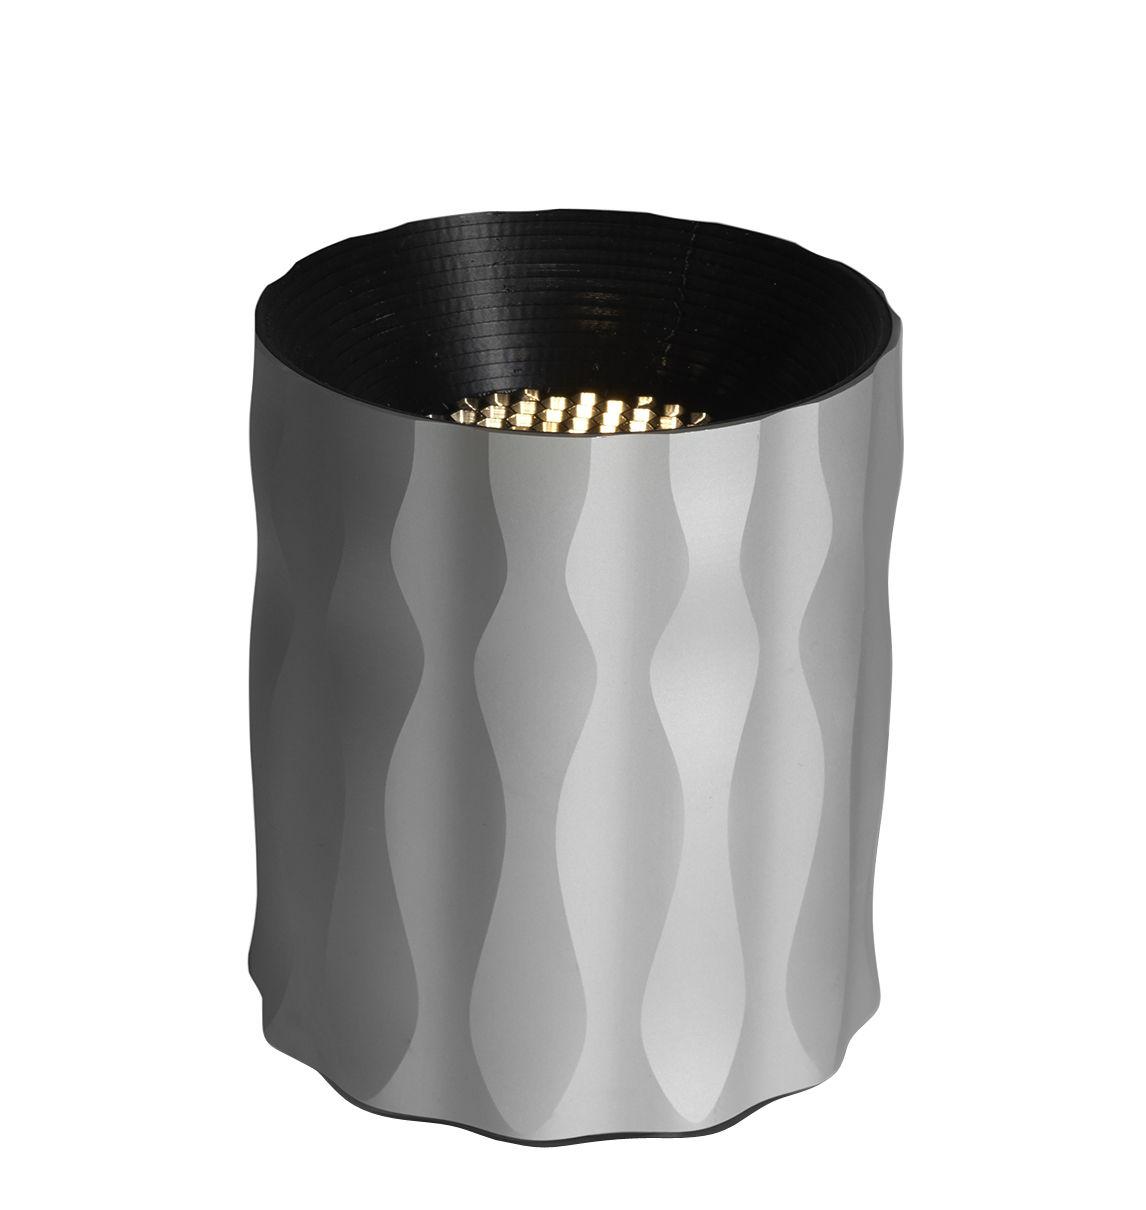 Leuchten - Tischleuchten - Fiamma Tischleuchte / LED - H 16 cm - Artemide - Grau - Metall